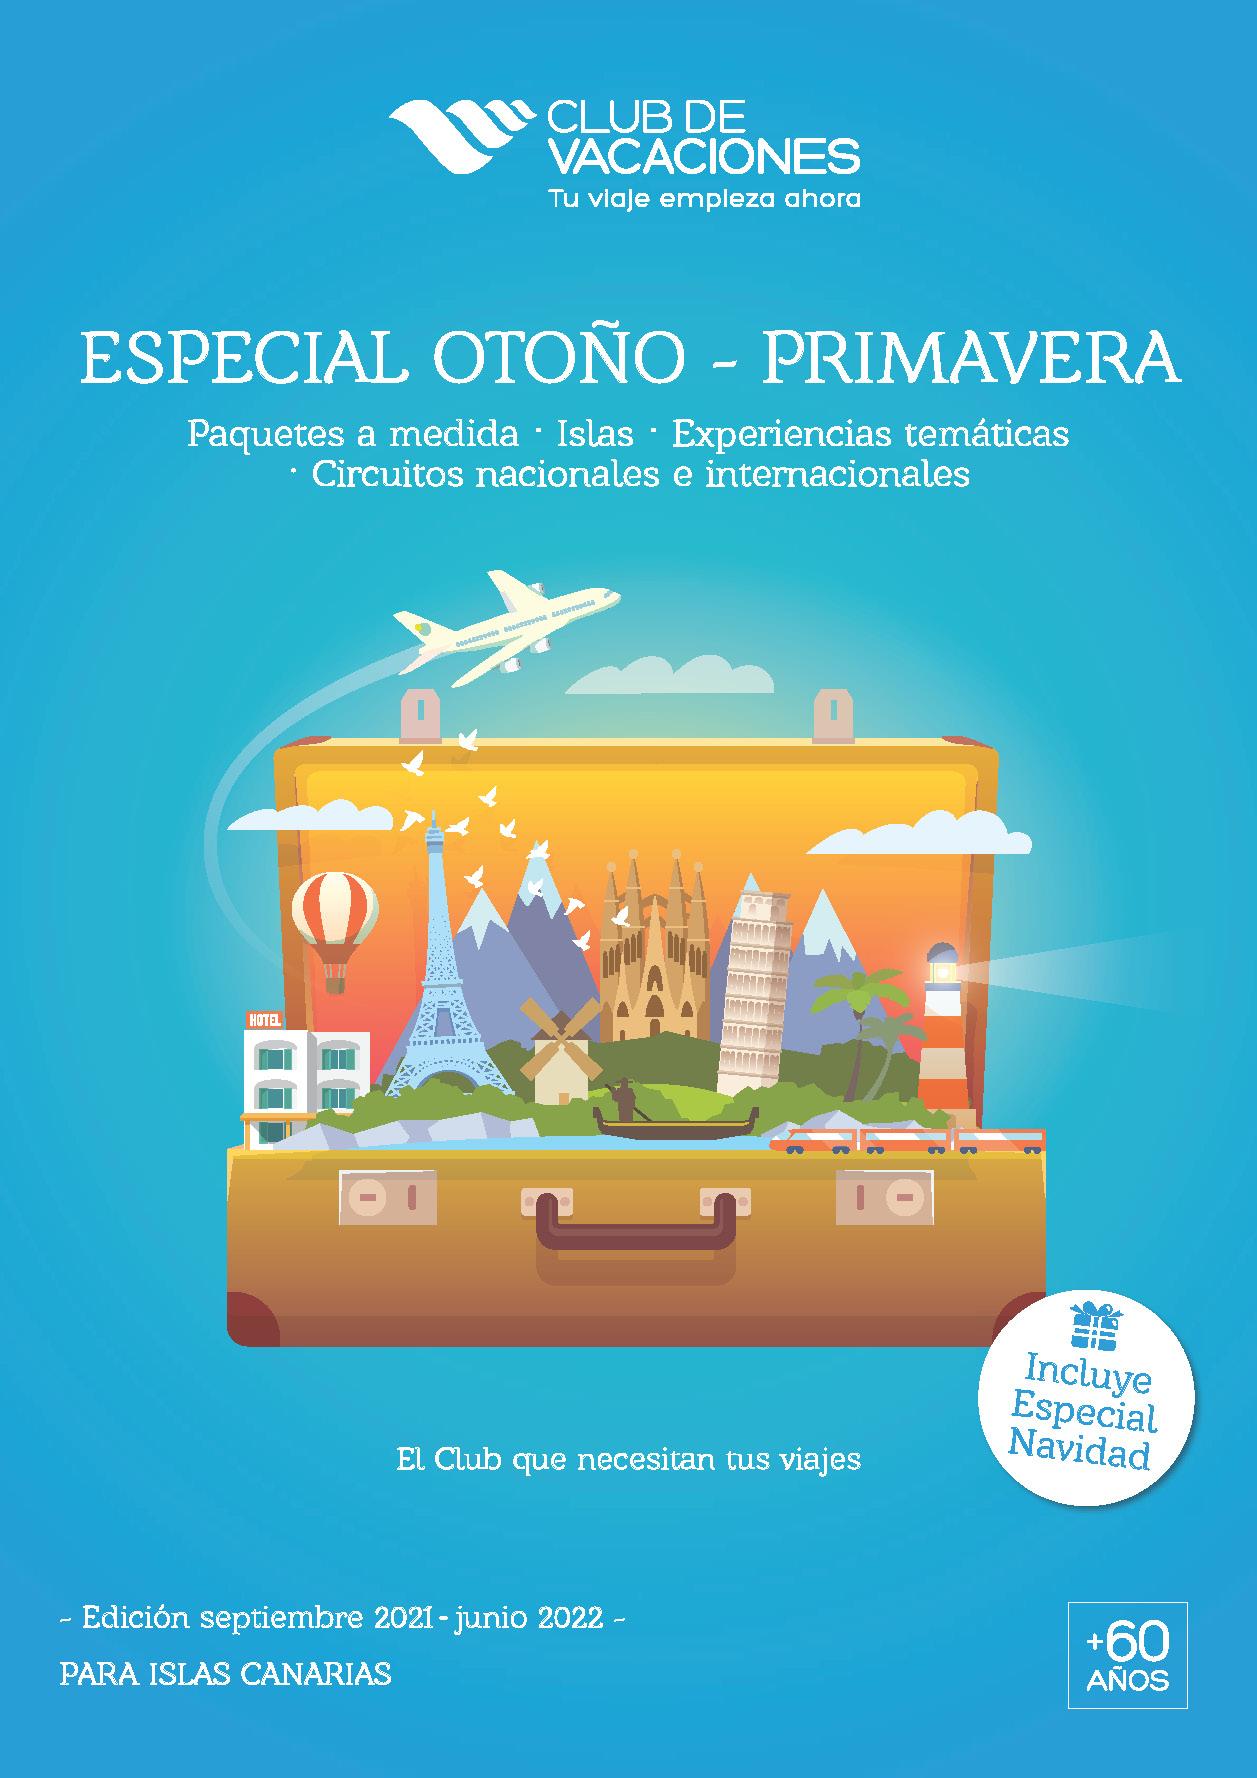 Catalogo Club de Vacaciones Circuitos Nacionales e Internacionales Experiencias Tematicas Paquetes a Medida Islas y Navidad 2021-2022 salidas Canarias